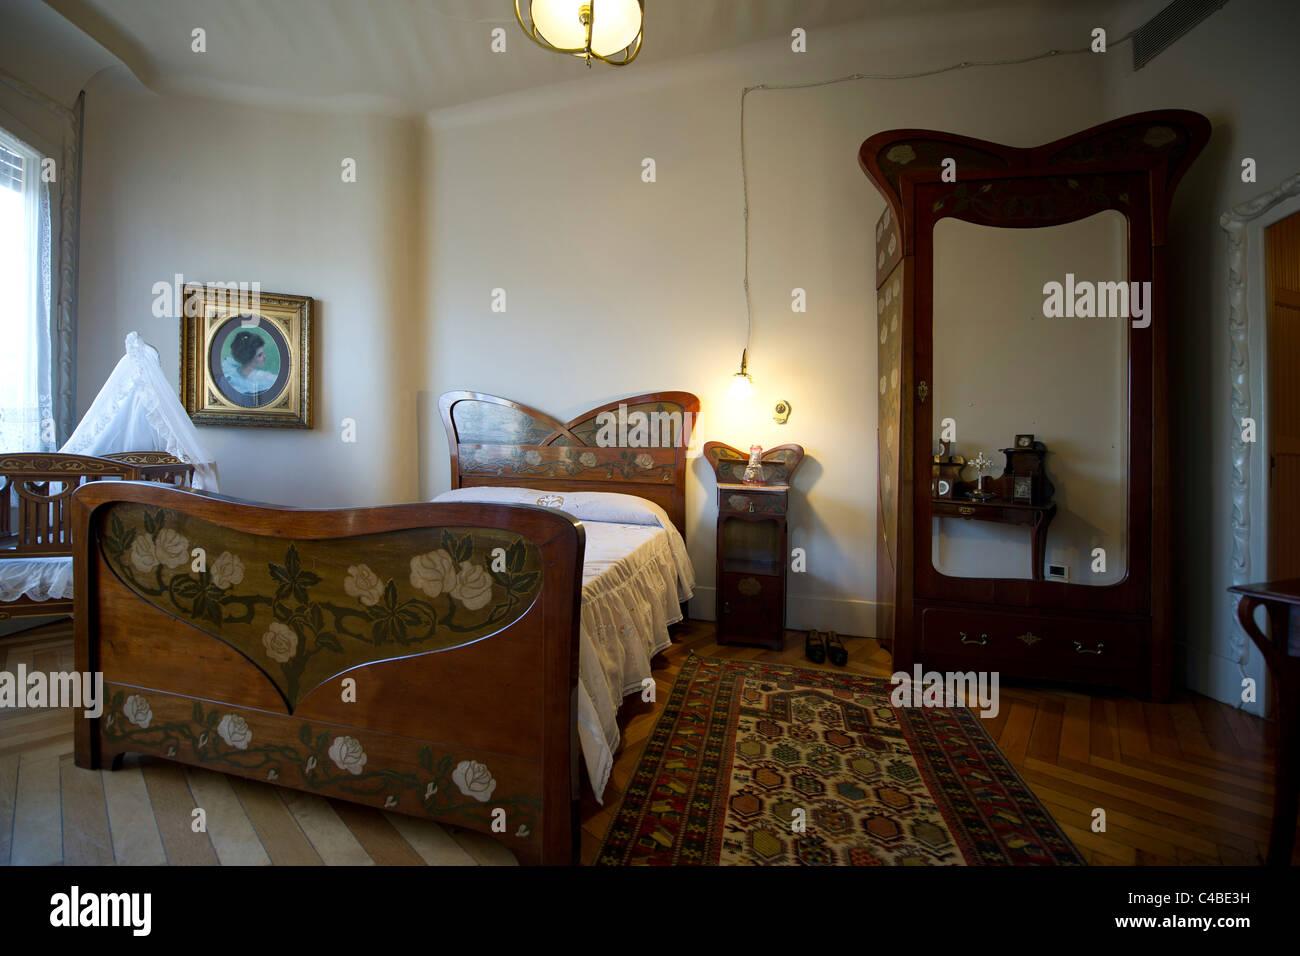 Camere Da Letto Art Deco : Art nouveau interiore camera da letto presso la casa mila di